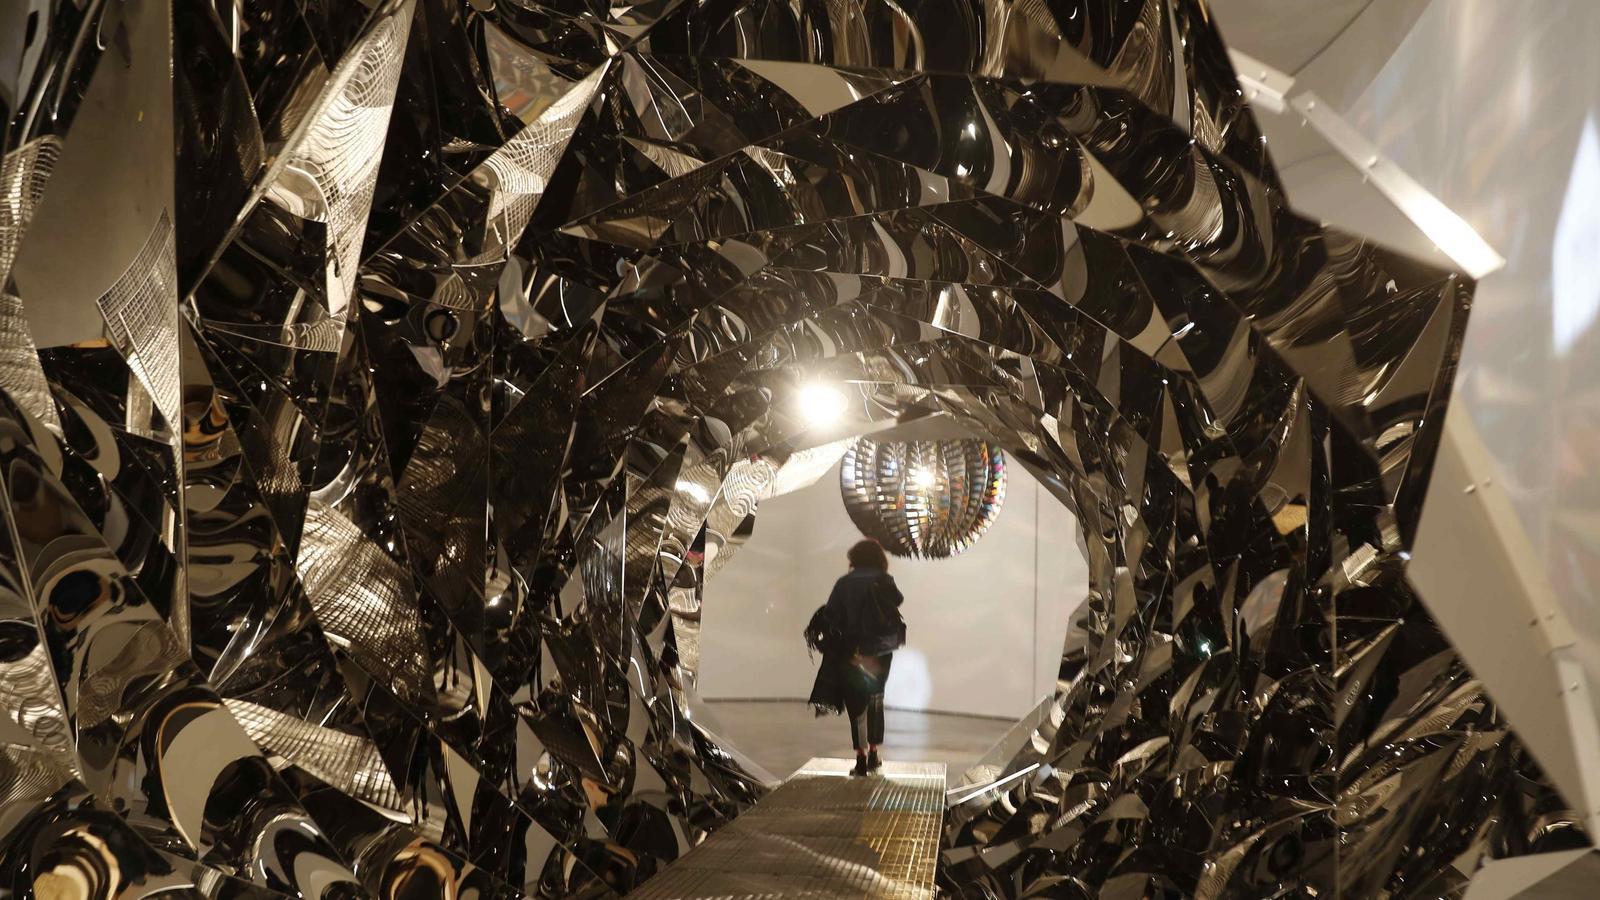 Olafur Eliasson porta l'art embadalidor i compromès al Guggenheim